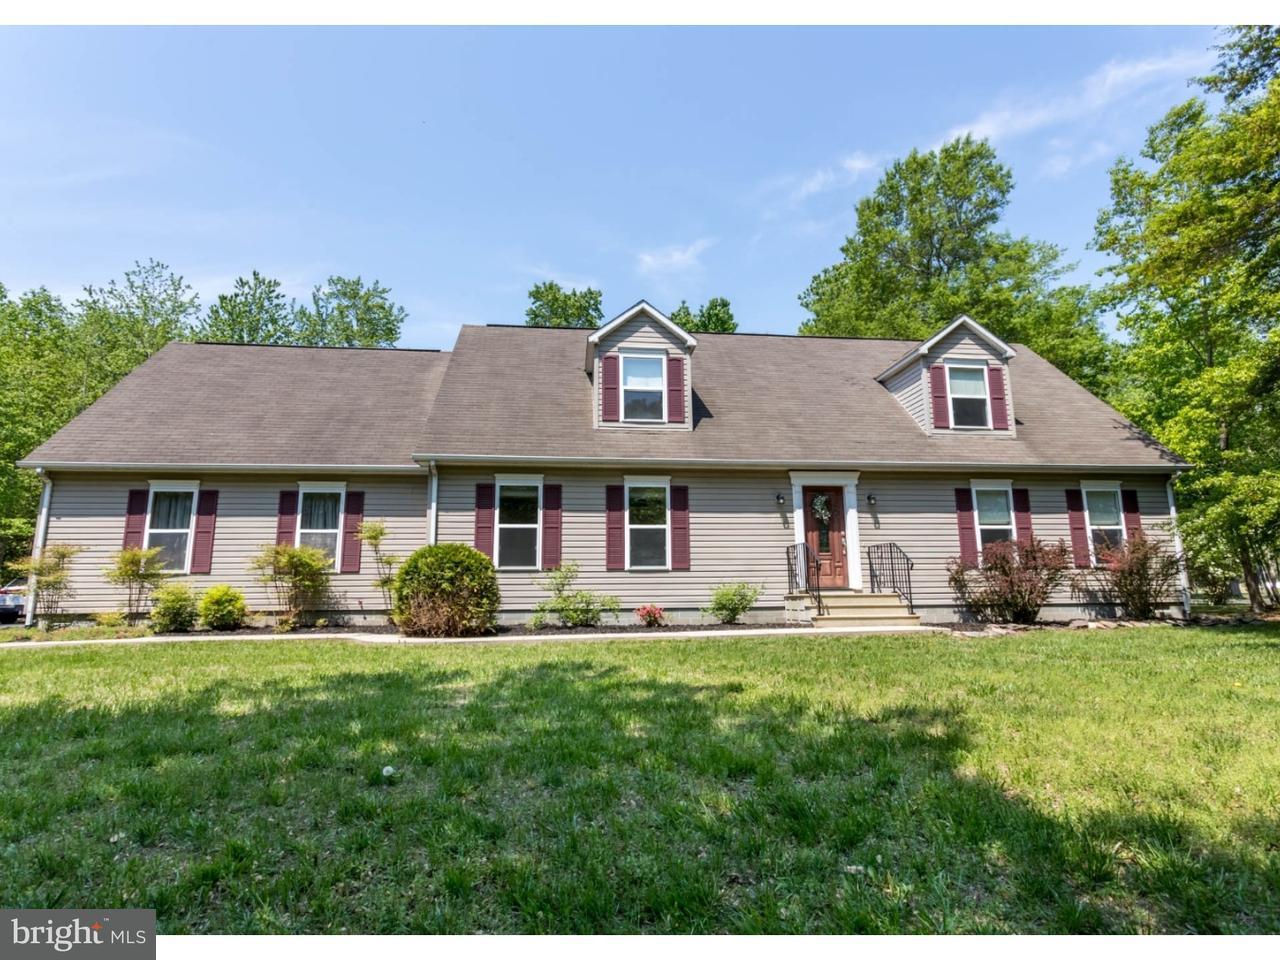 独户住宅 为 销售 在 17065 SPRUCE Road 埃伦代尔, 特拉华州 19941 美国